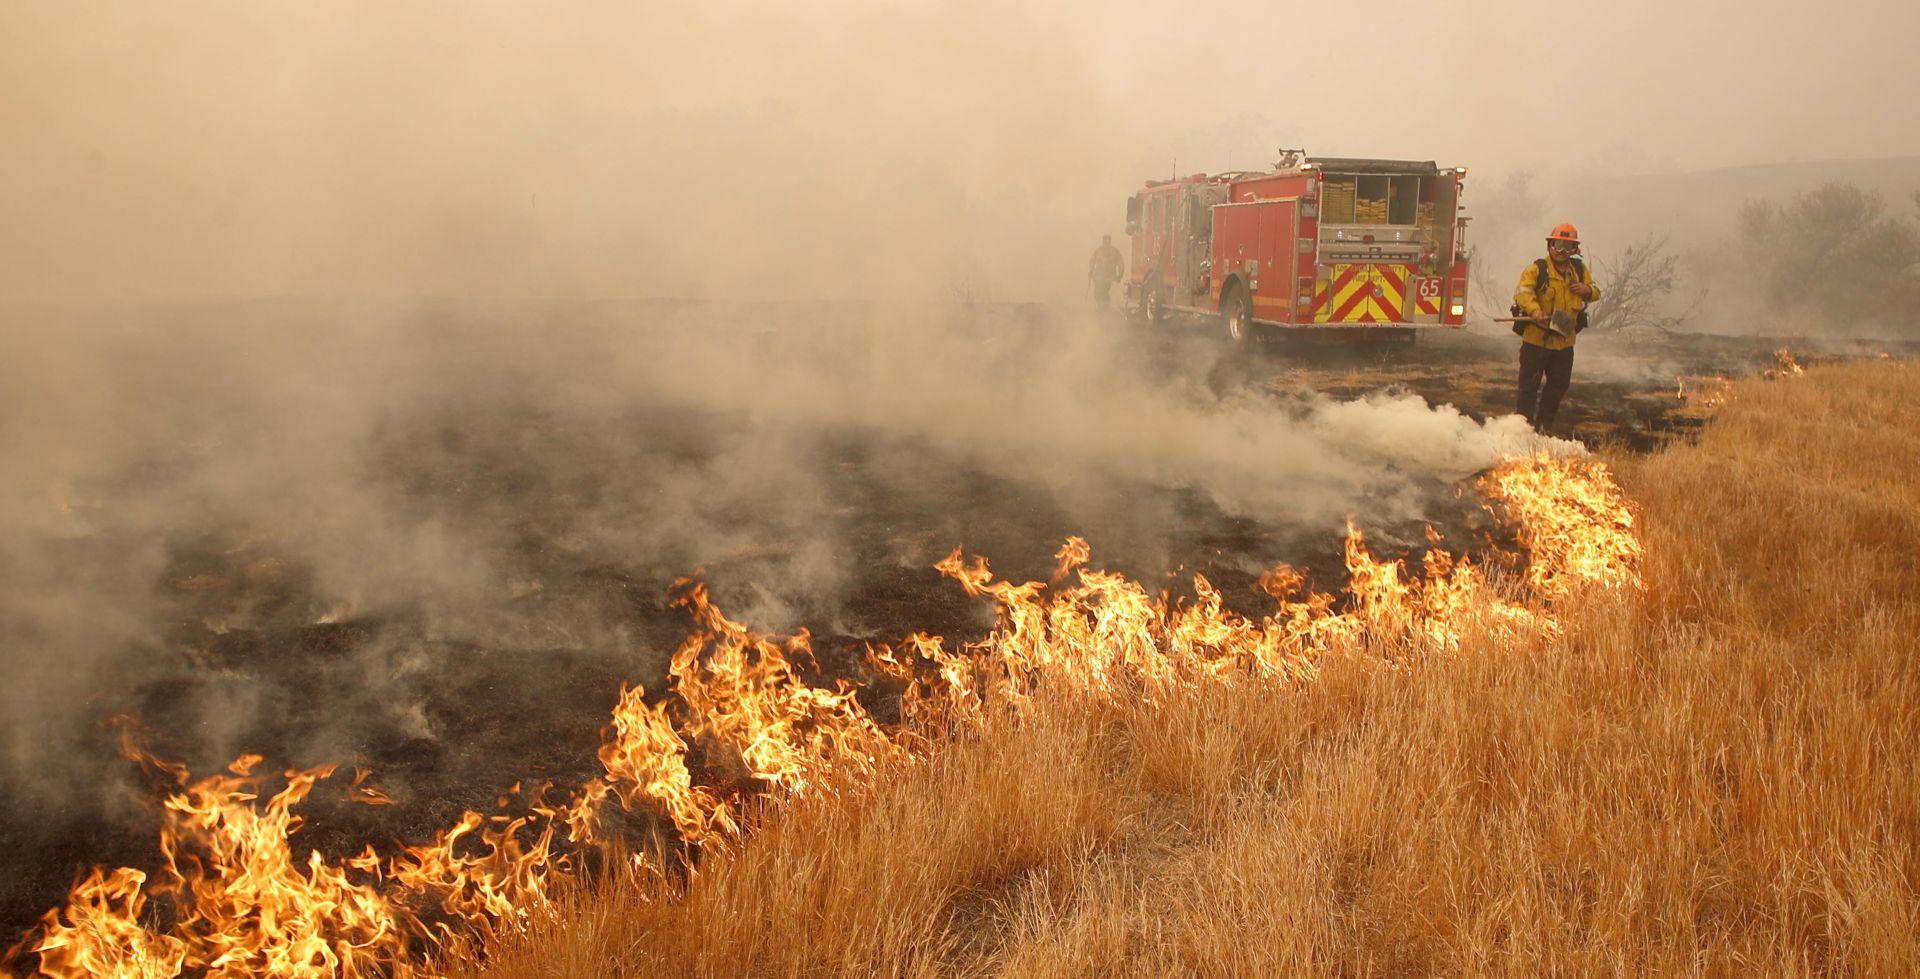 KALIFORNIJA Najmanje 25 poginulih u razornim požarima